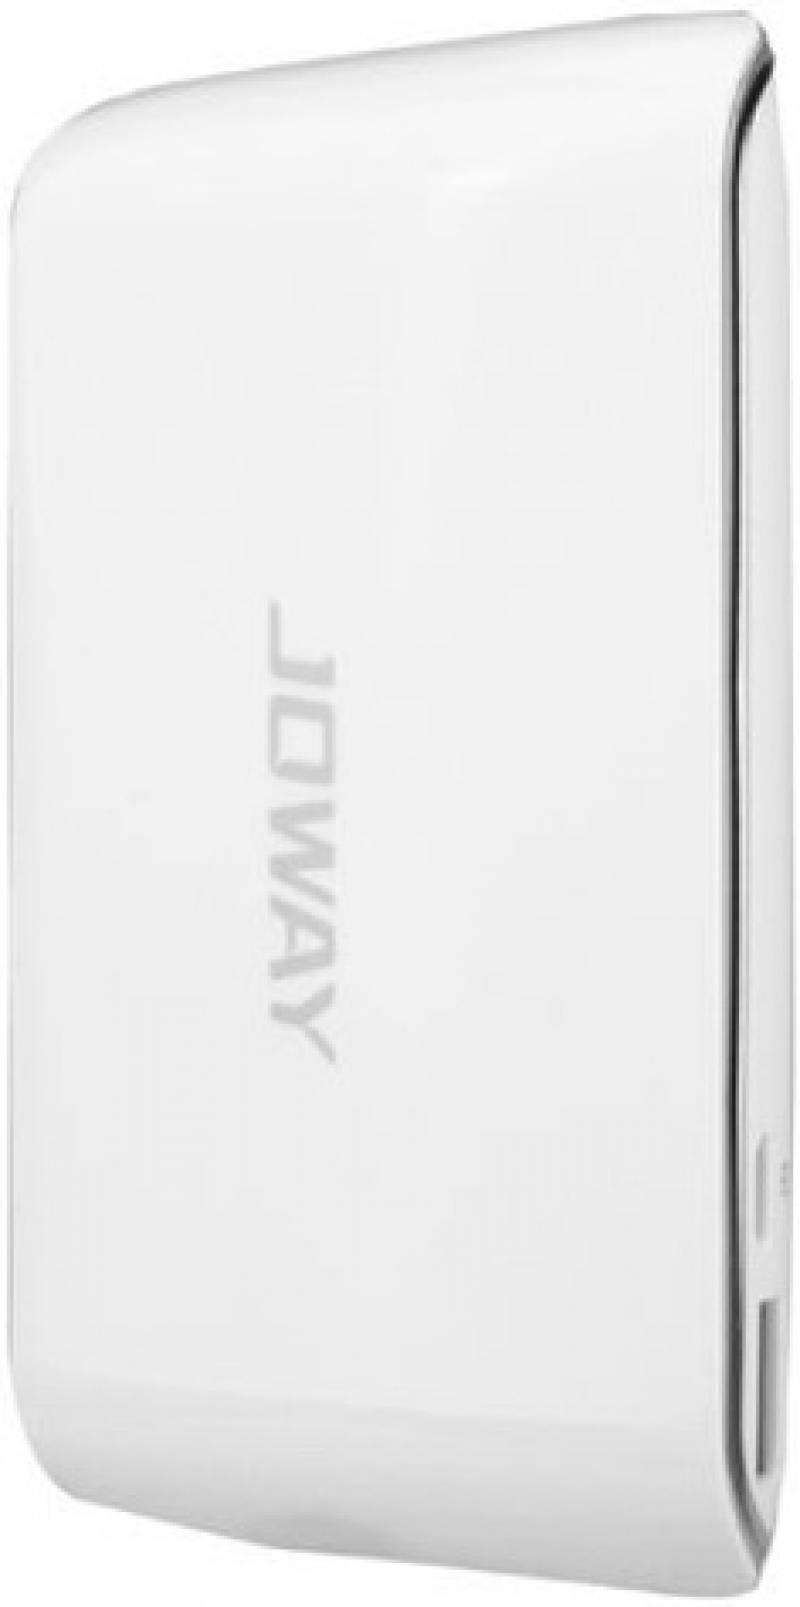 Внешний аккумулятор Joway JP29 6000 mAh белый аккумулятор yoobao 10200 mah yb 6013pro gold